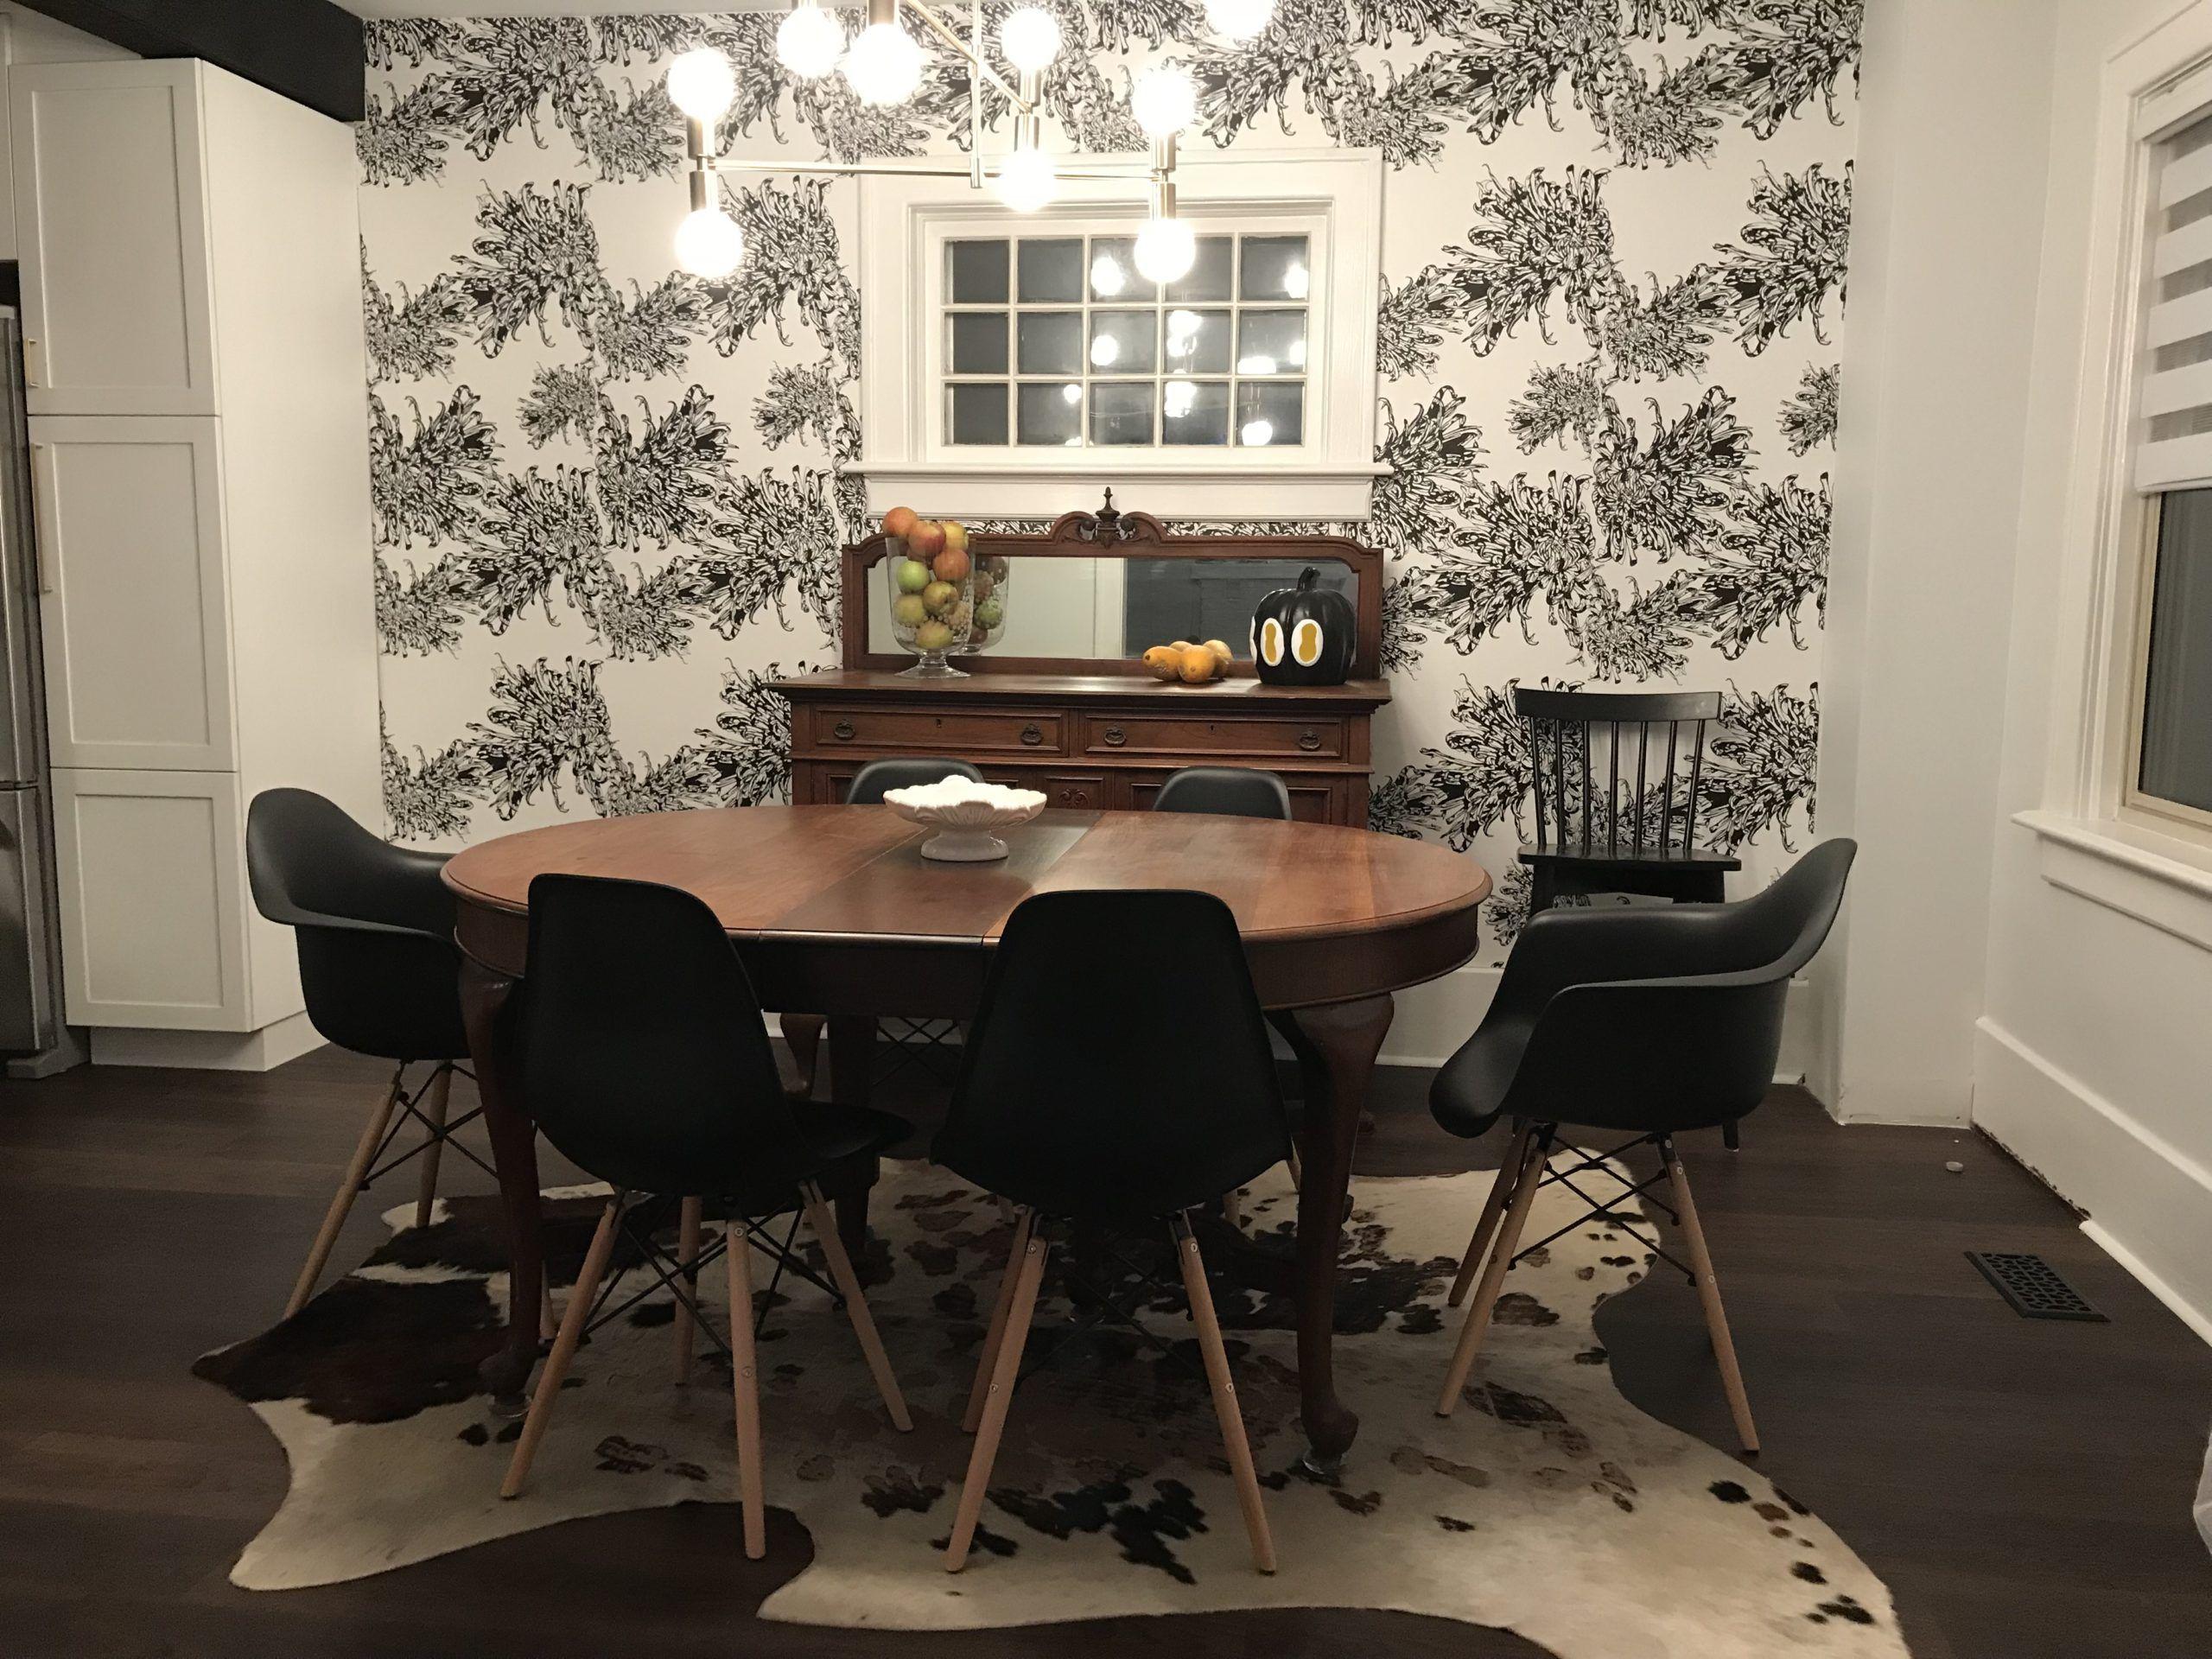 Narnie Wallpaper • Dining Room • Ainslie Watson •MitchandLu